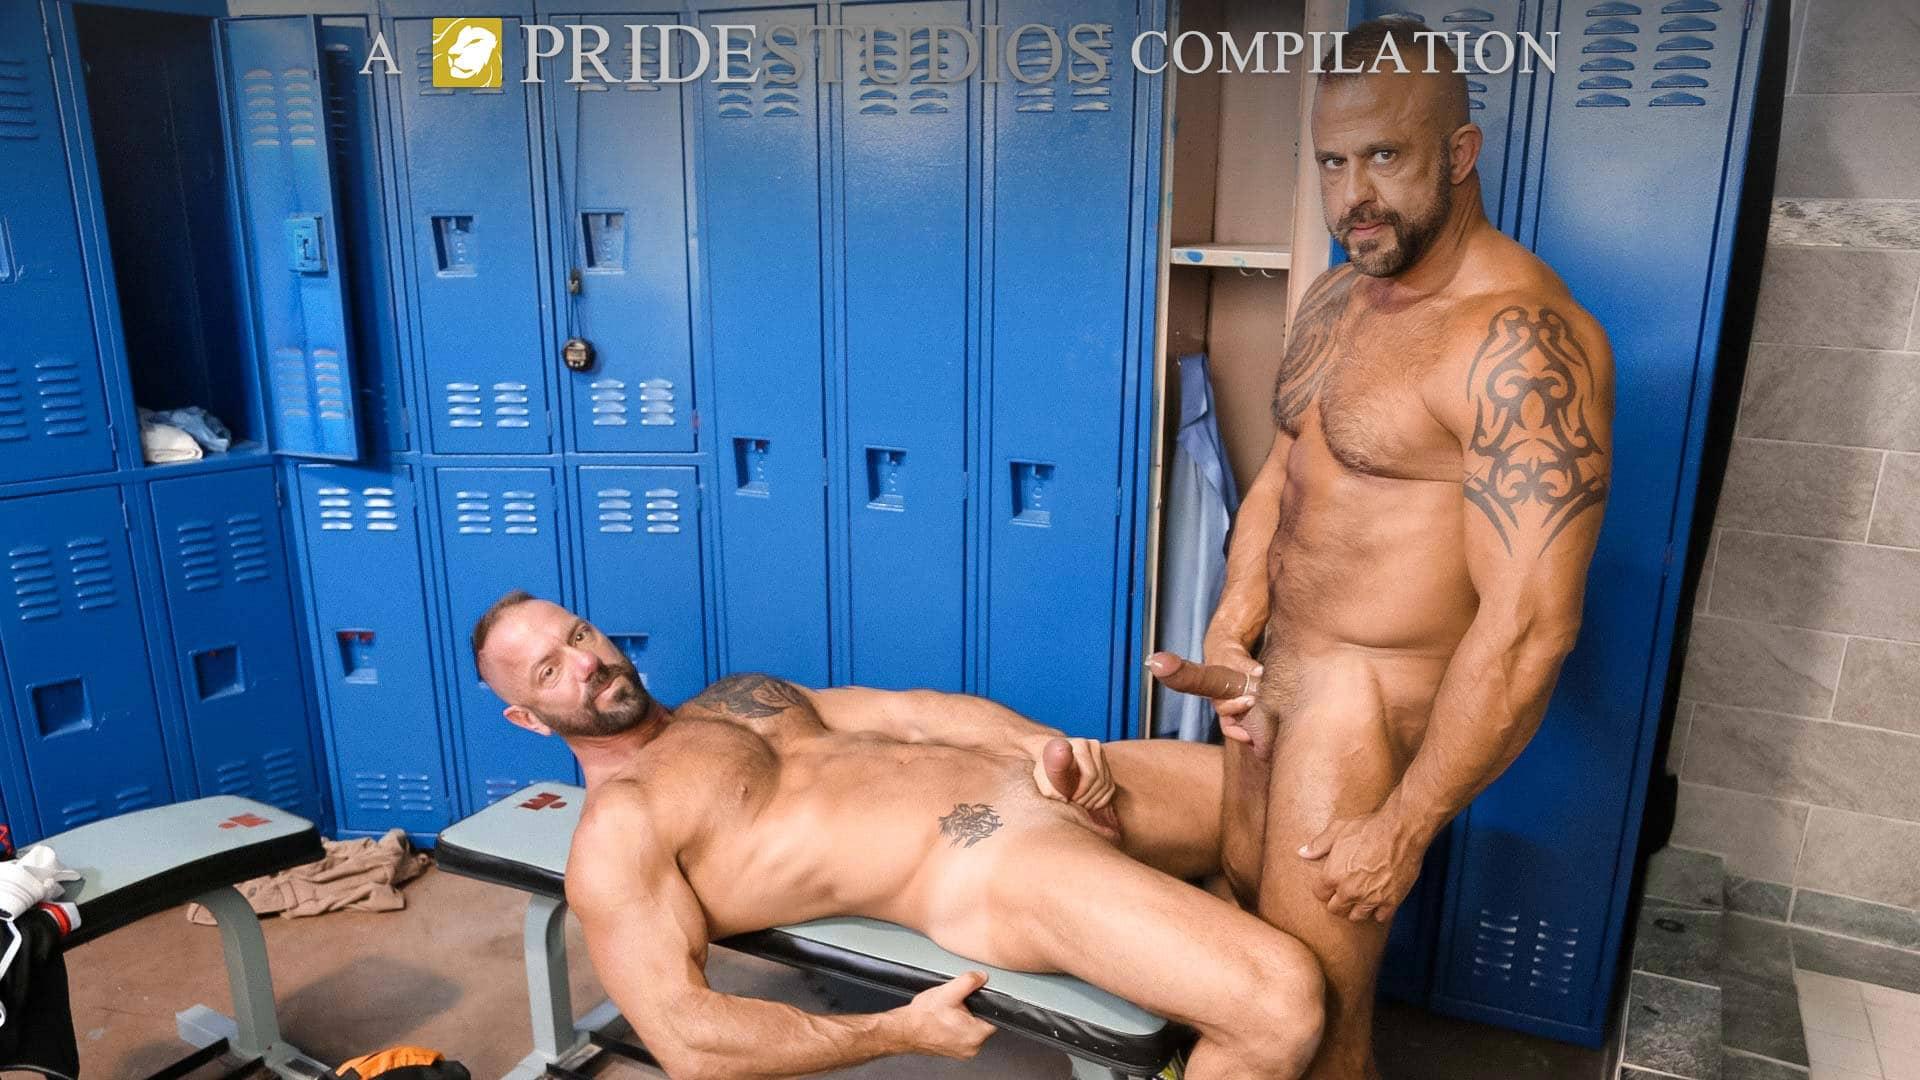 Big Muscled Men Compilation